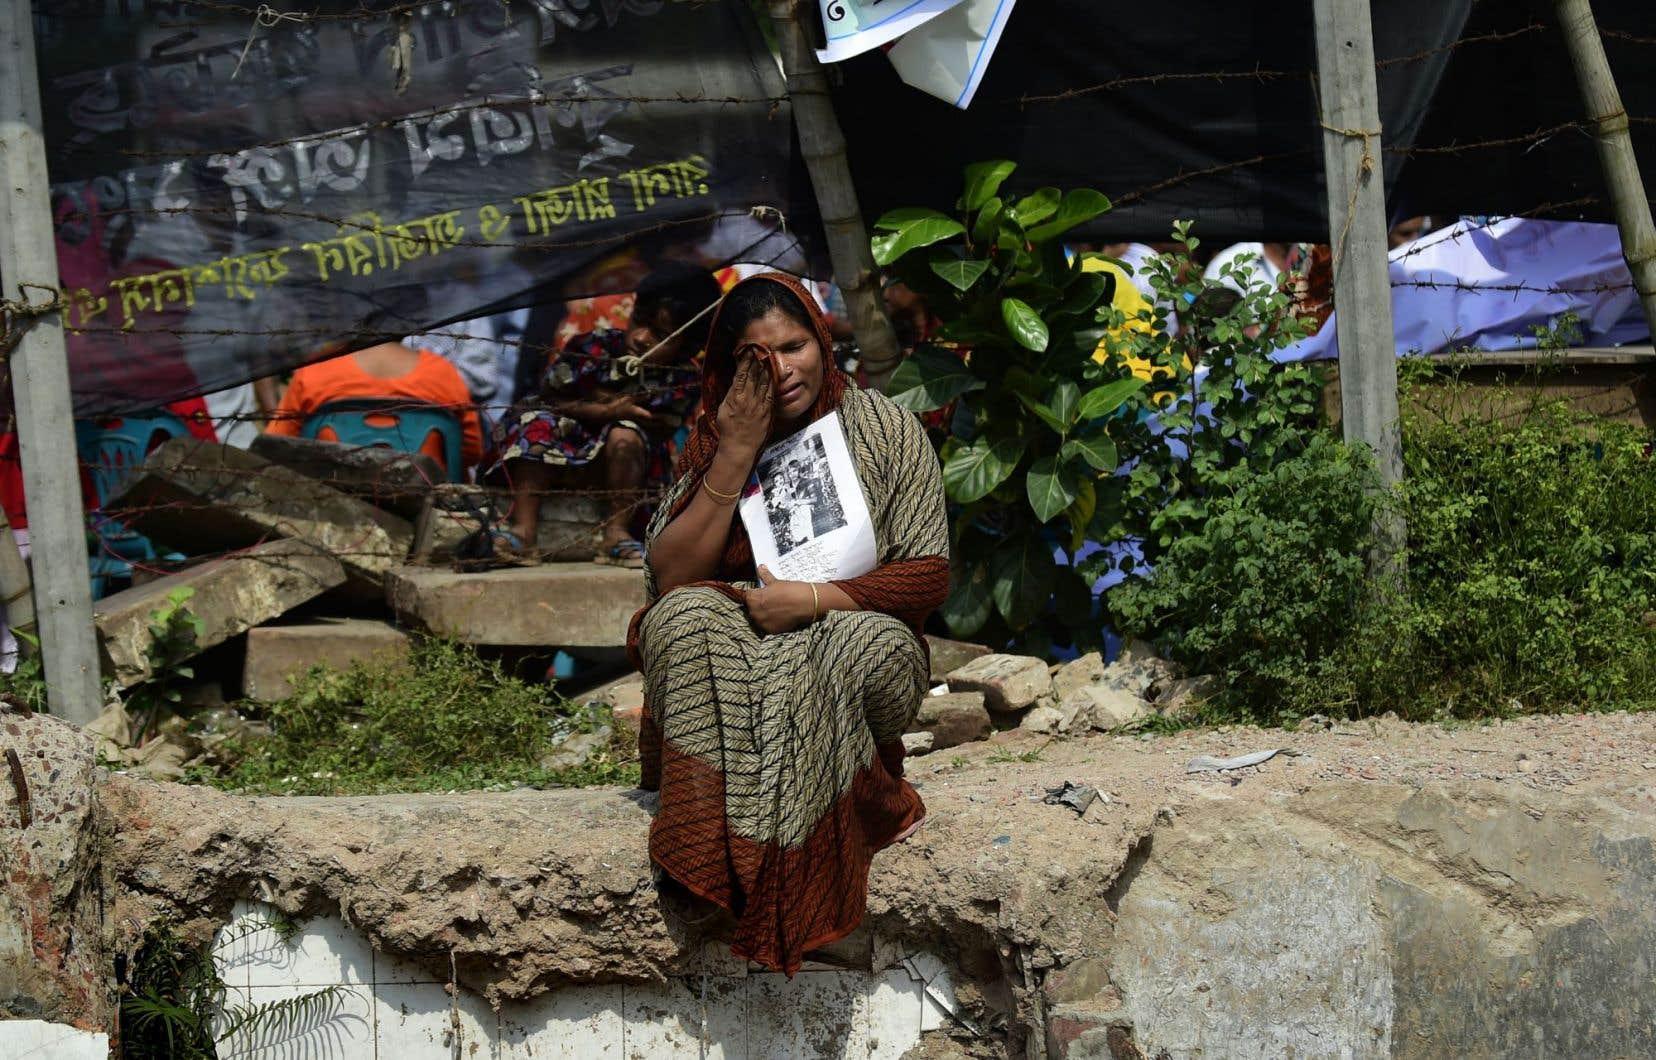 Assise sur les lieux où se trouvait le Rana Plaza, une femme pleure la perte d'un parent dans l'effondrement de l'usine, qui a fait plus de 1100 morts.